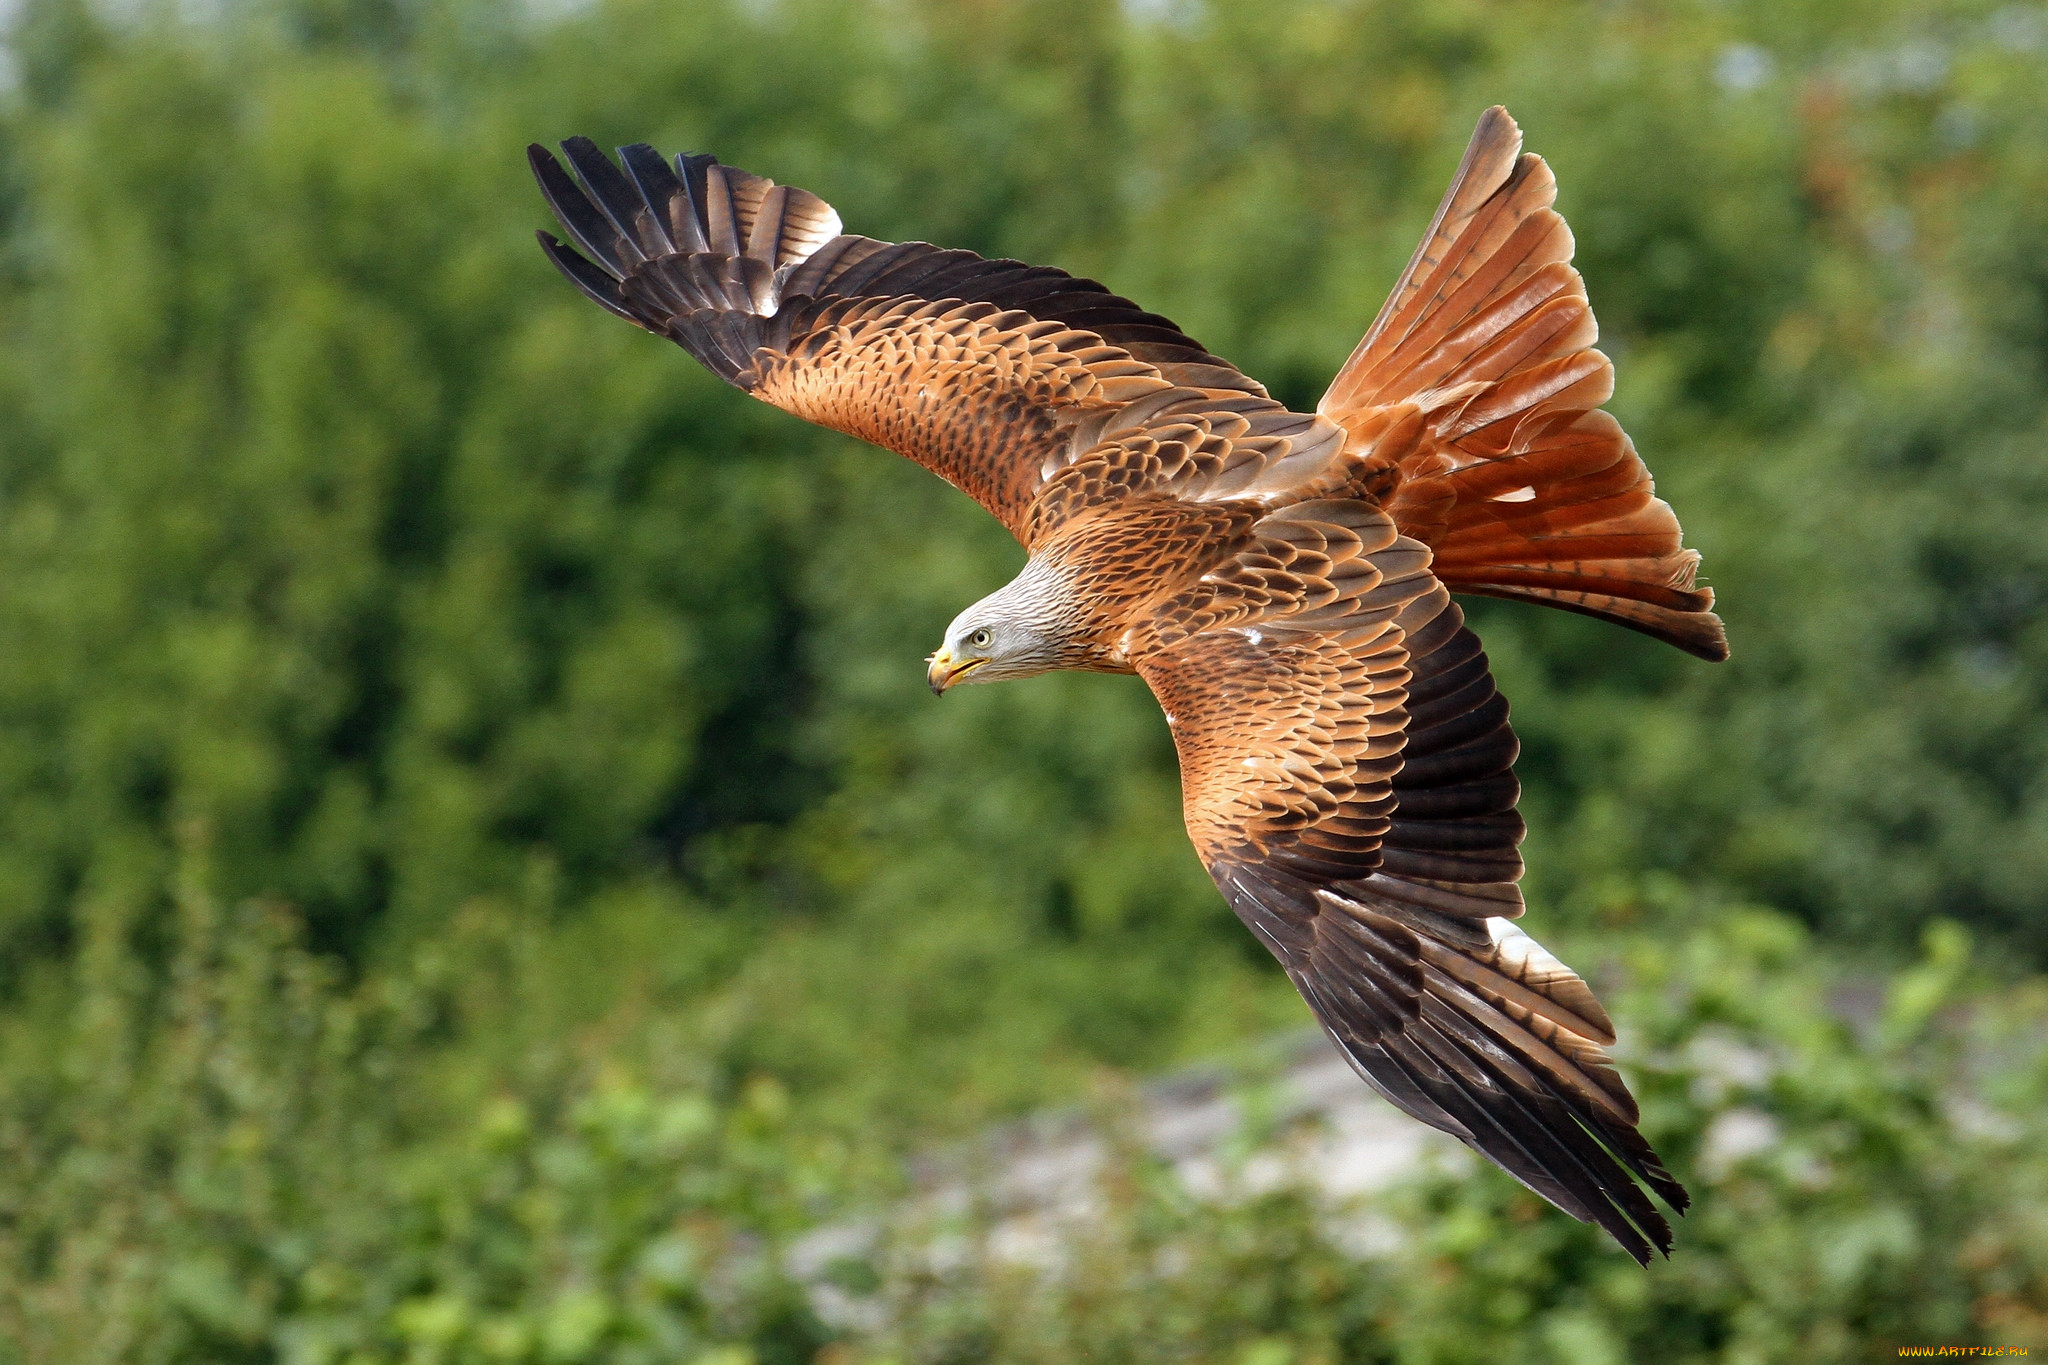 летающие птицы картинки и названия русском языке существует